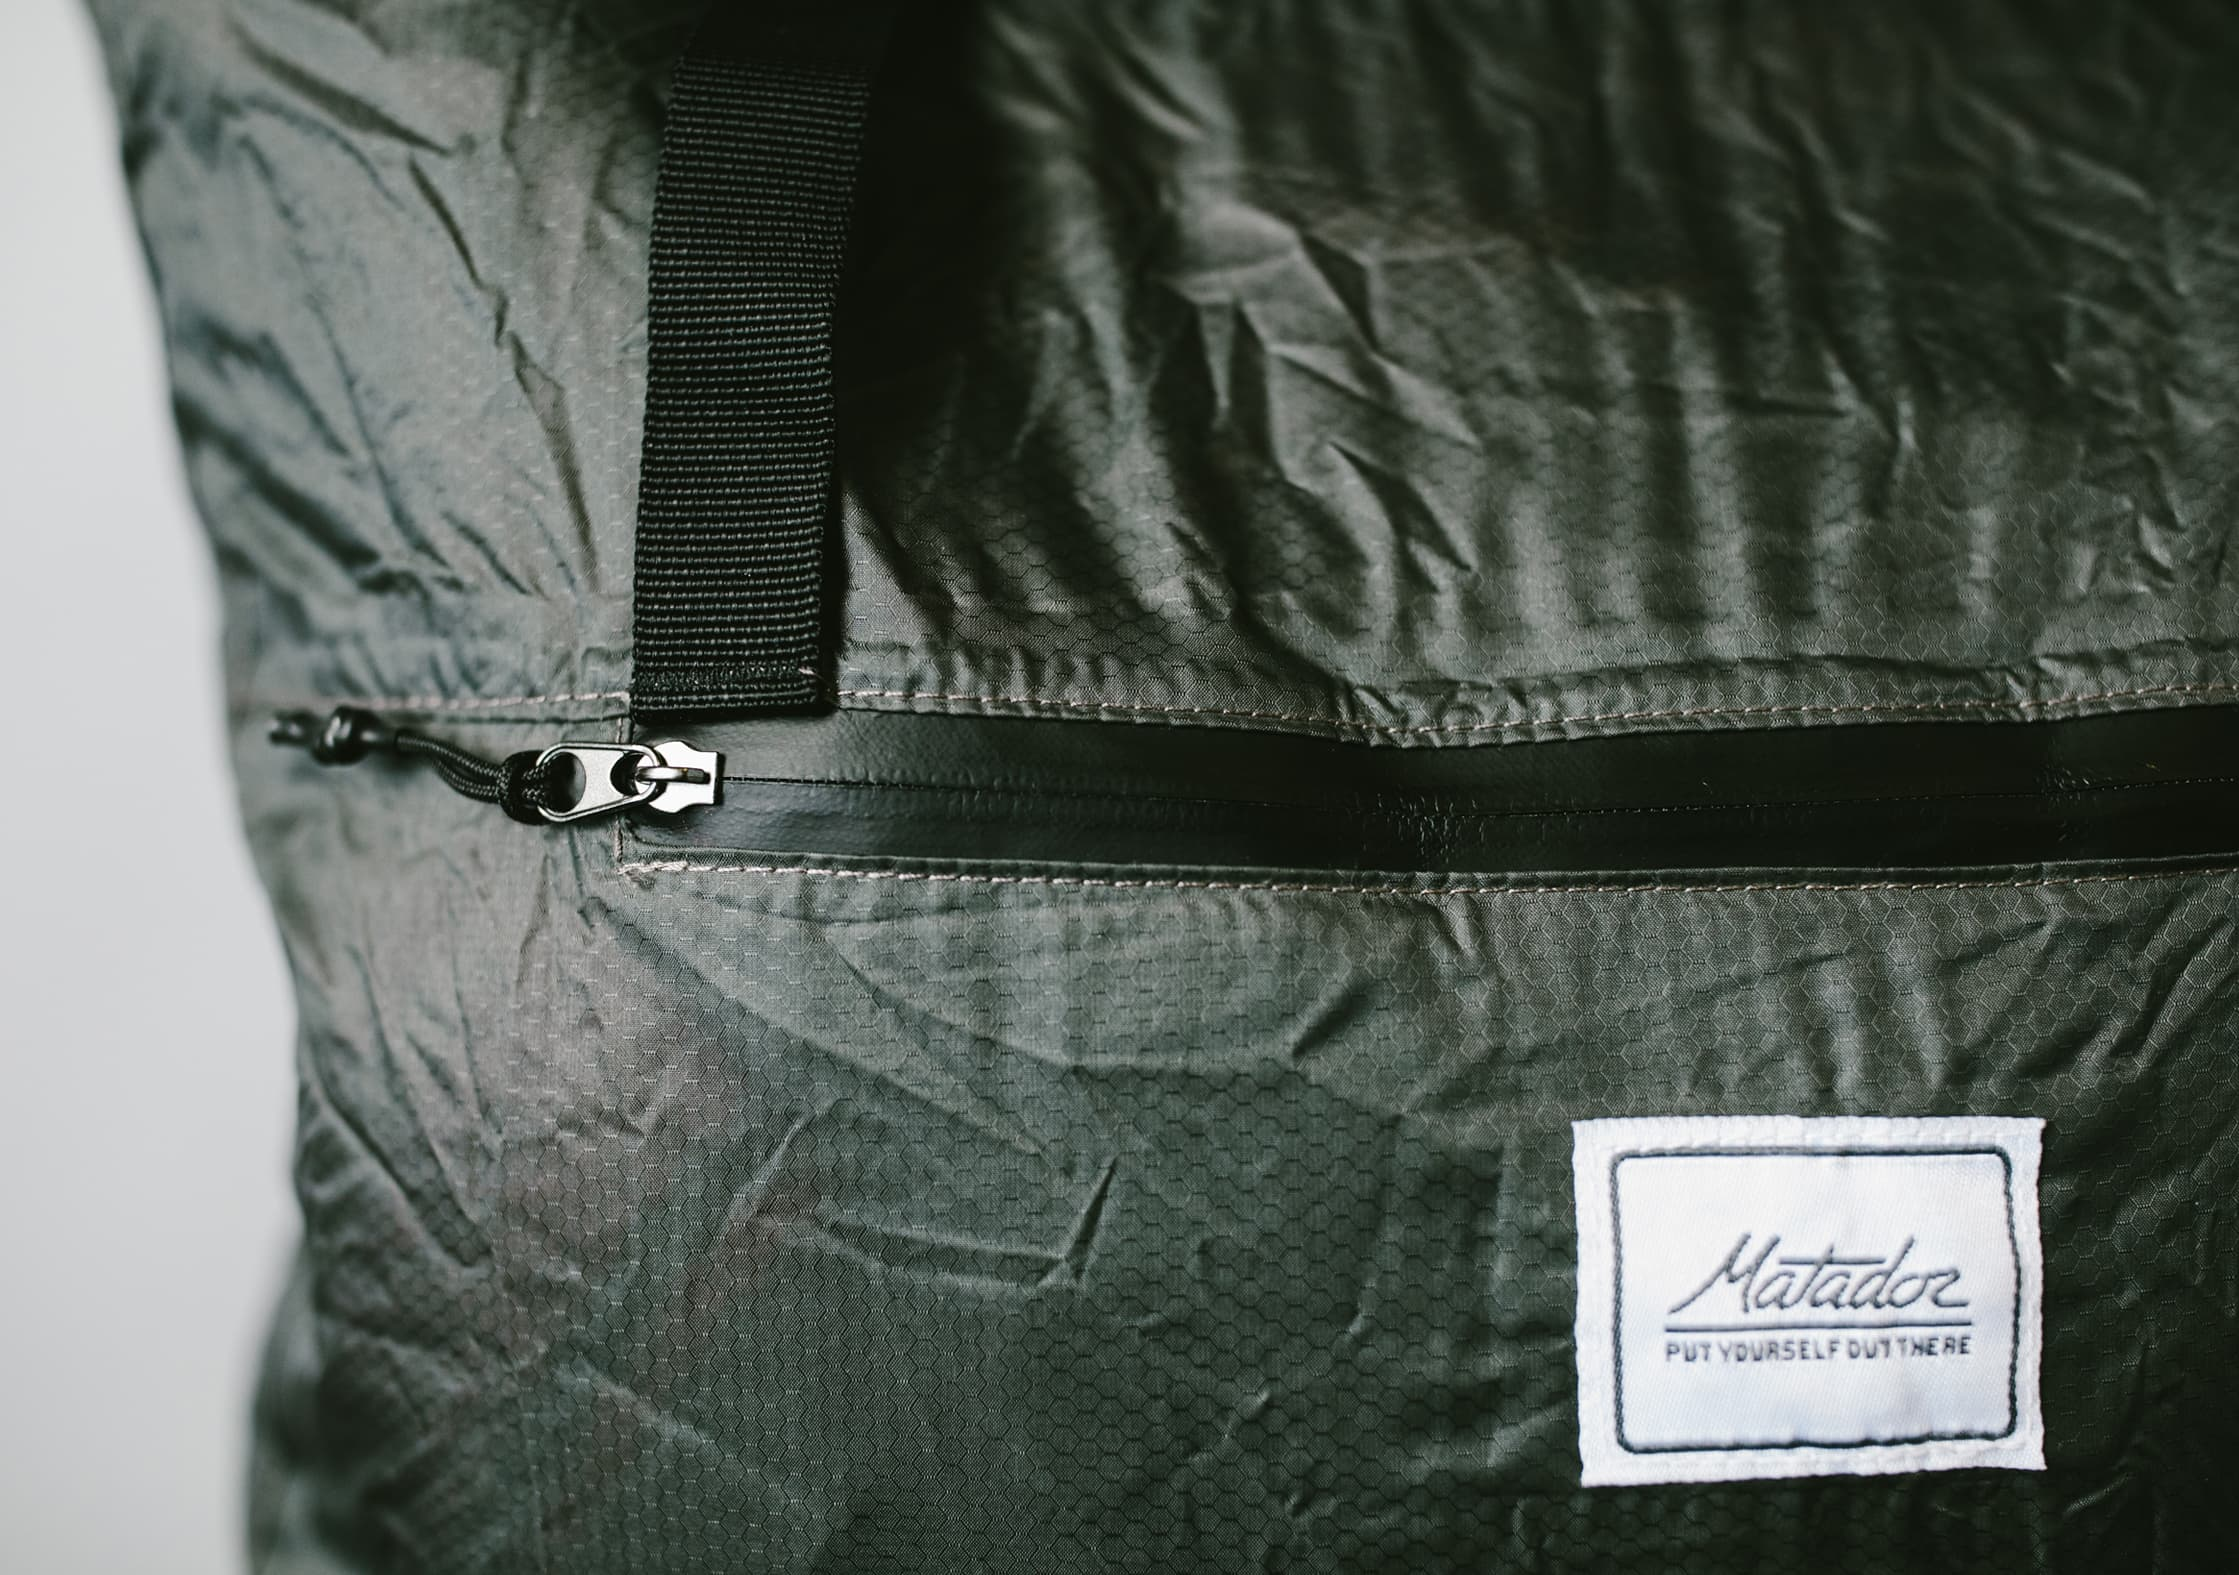 Matador Transit Tote Bag Water Resistant Zipper